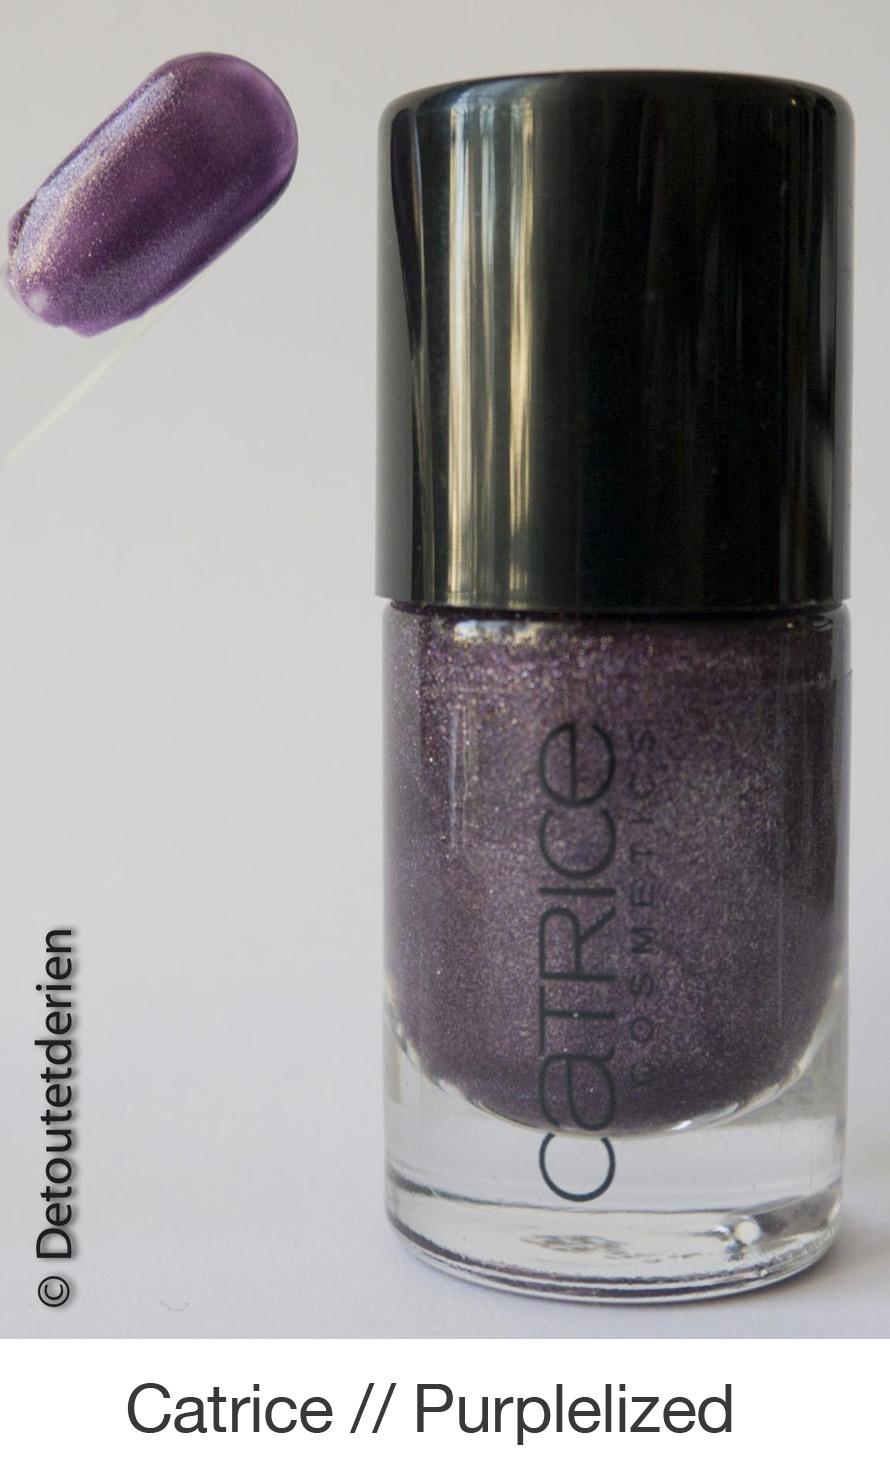 http://1.bp.blogspot.com/-PZDC3YOYsqw/Ty2CfM8EzkI/AAAAAAAAAj8/zS9OjYULJ1g/s1600/r-catrice-purplelized.jpg